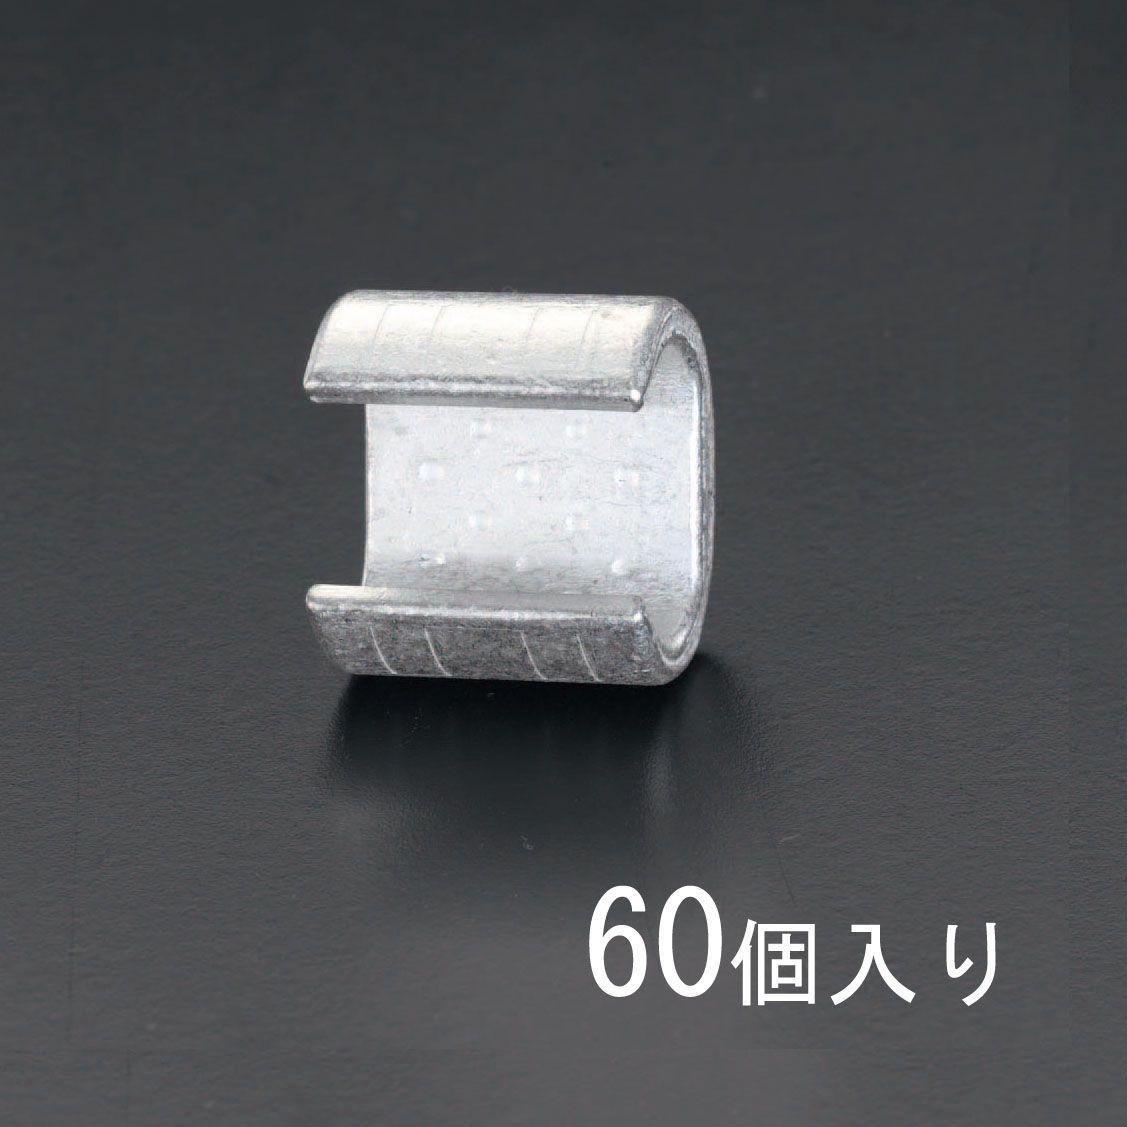 【メーカー在庫あり】 エスコ ESCO 77.0-98.0mm2 T形コネクター(60個) 000012027194 HD